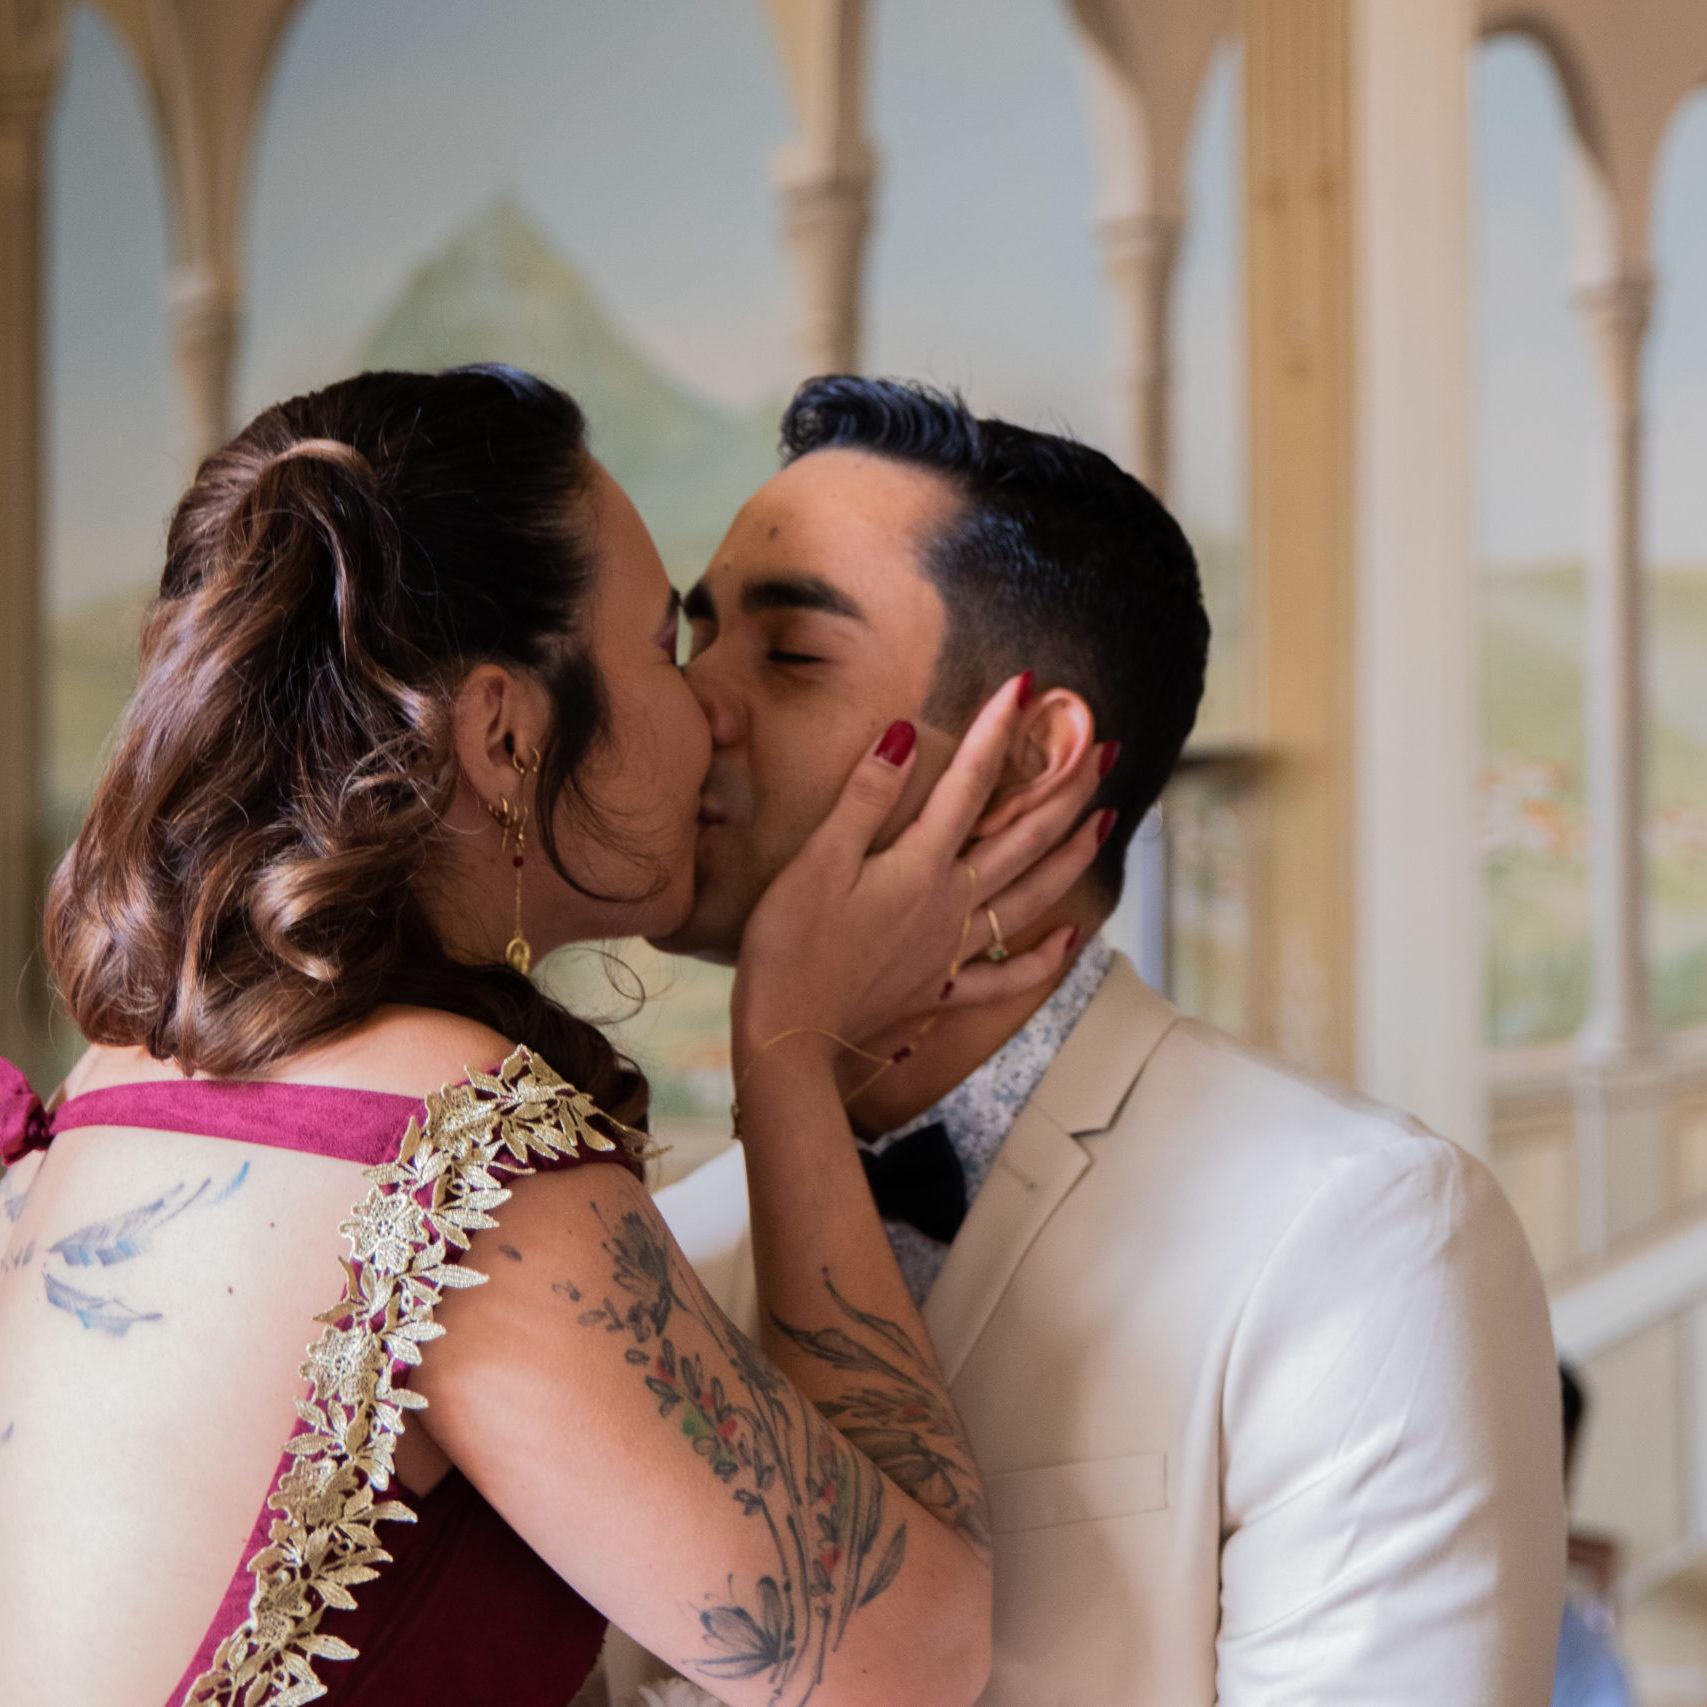 photo couple portrait mariage kissing